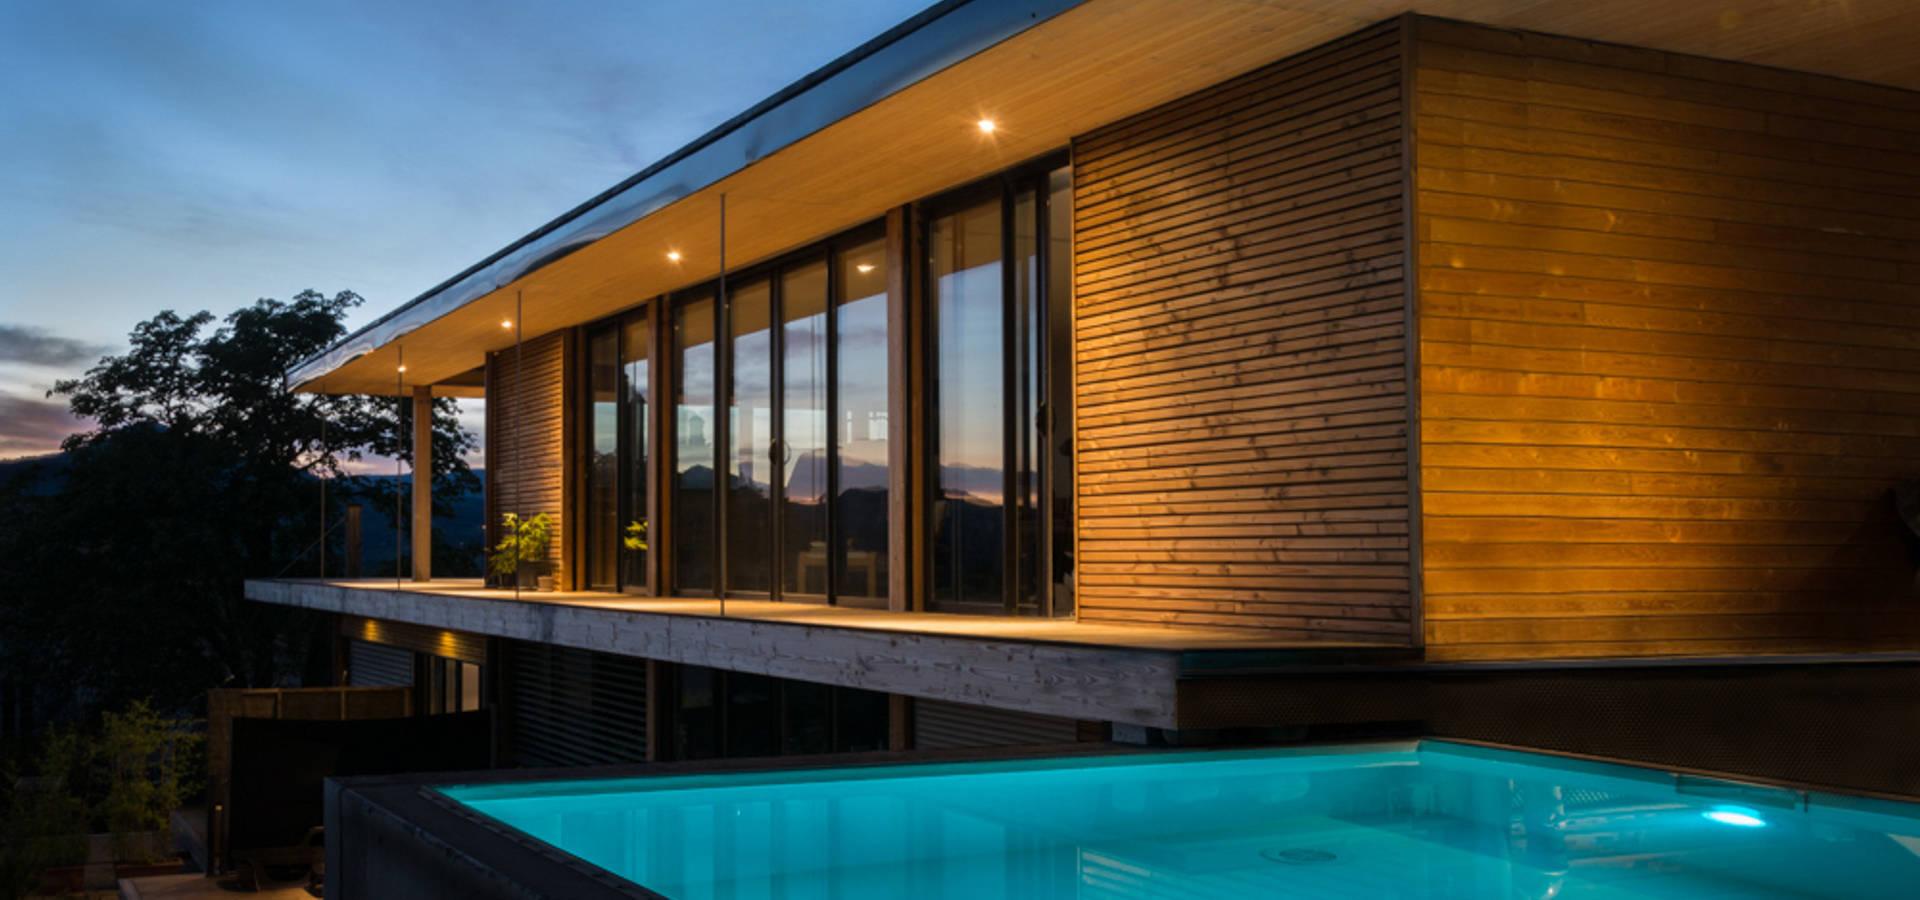 Maison moderne bois von SARL naturARCH | homify